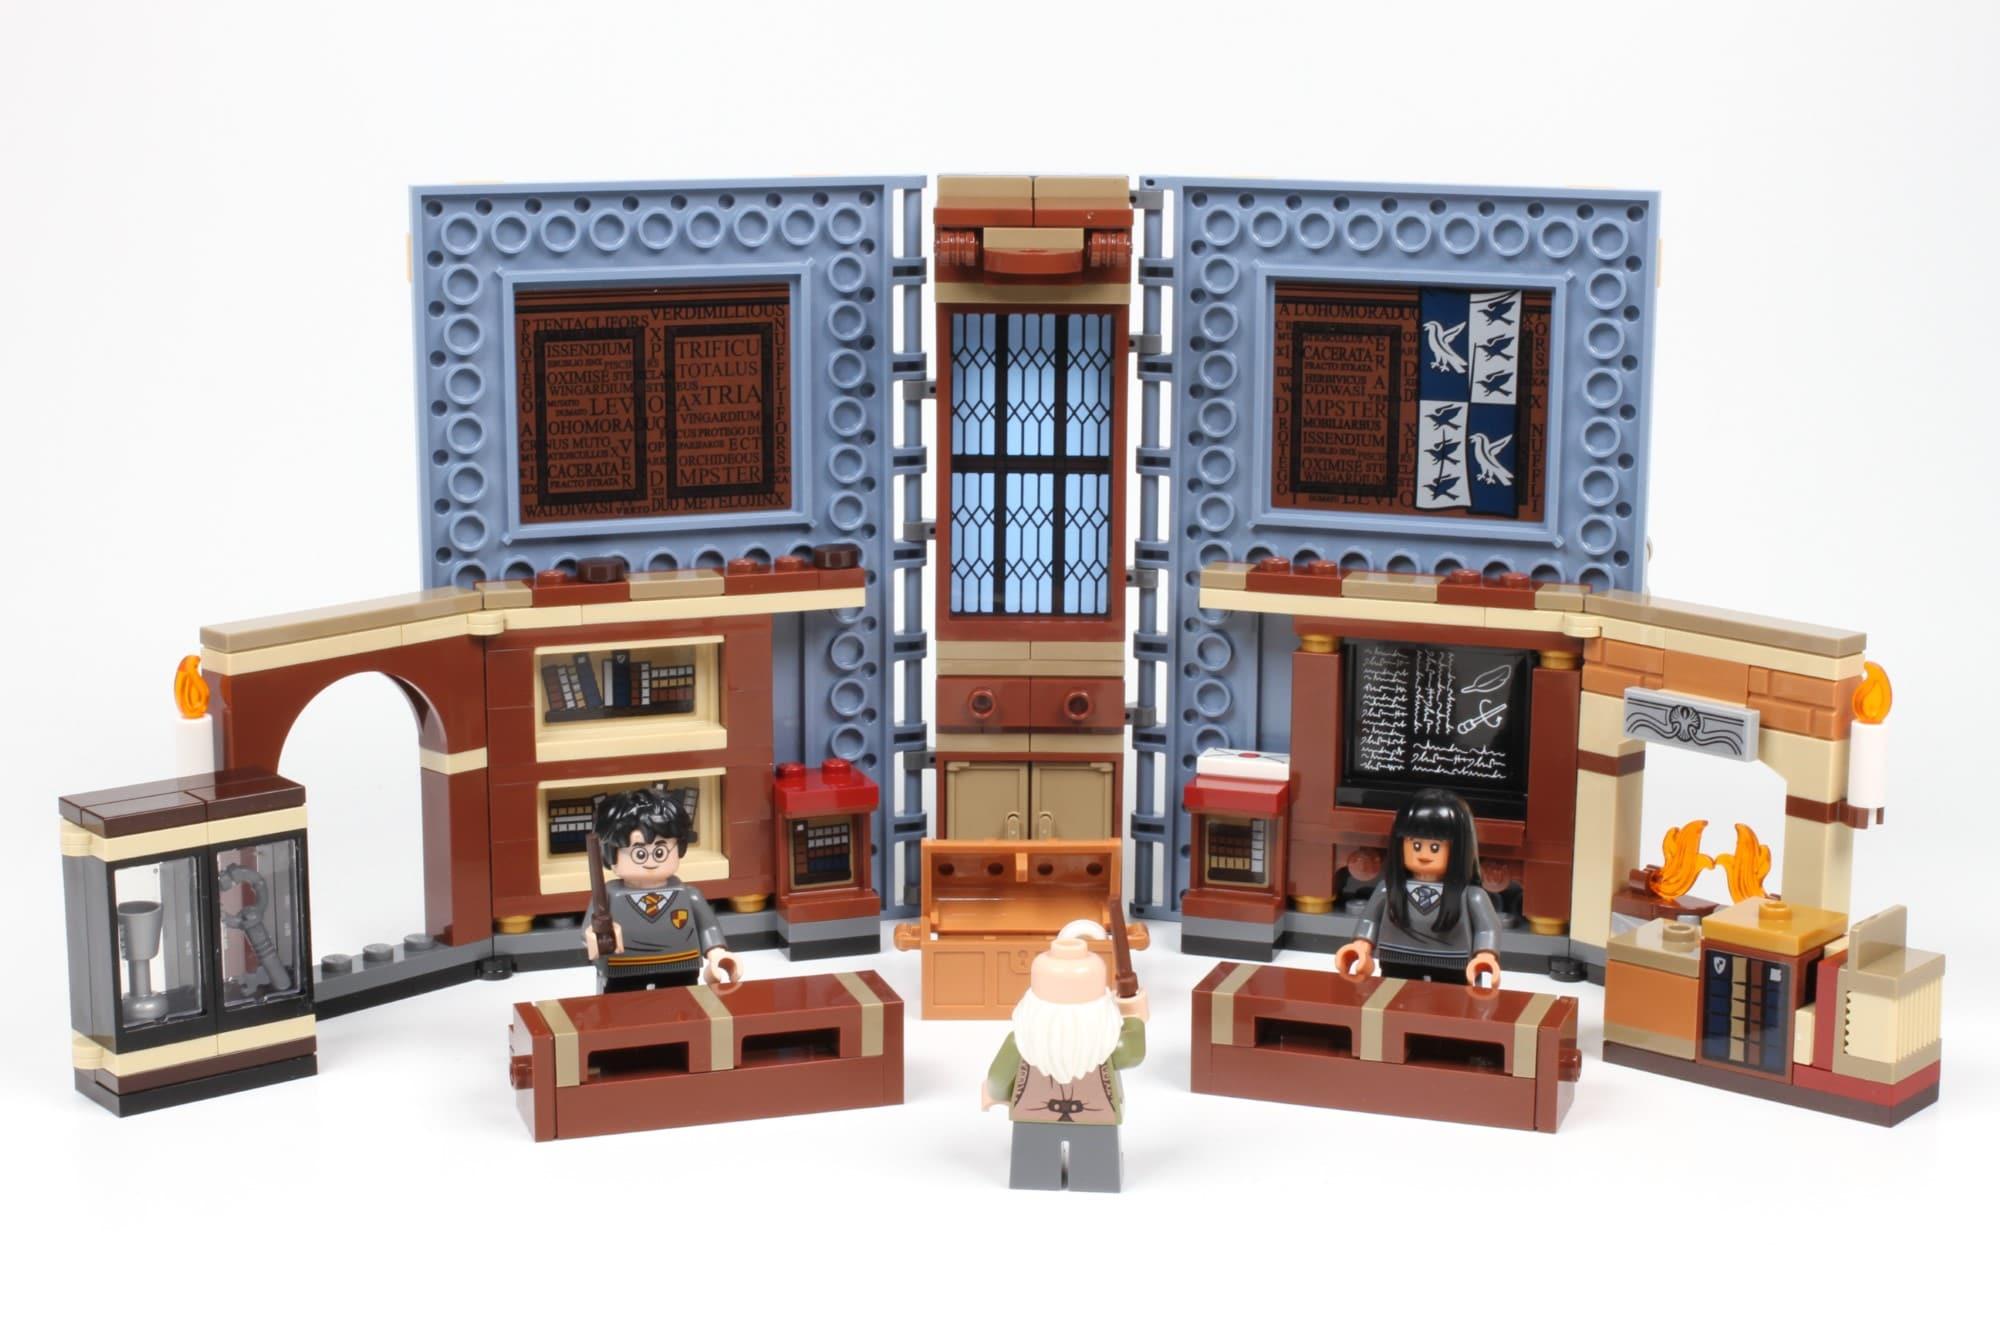 LEGO Harry Potter 76385 Hogwarts Moment Zauberkunstunterricht Buch Aufgeklappt 2